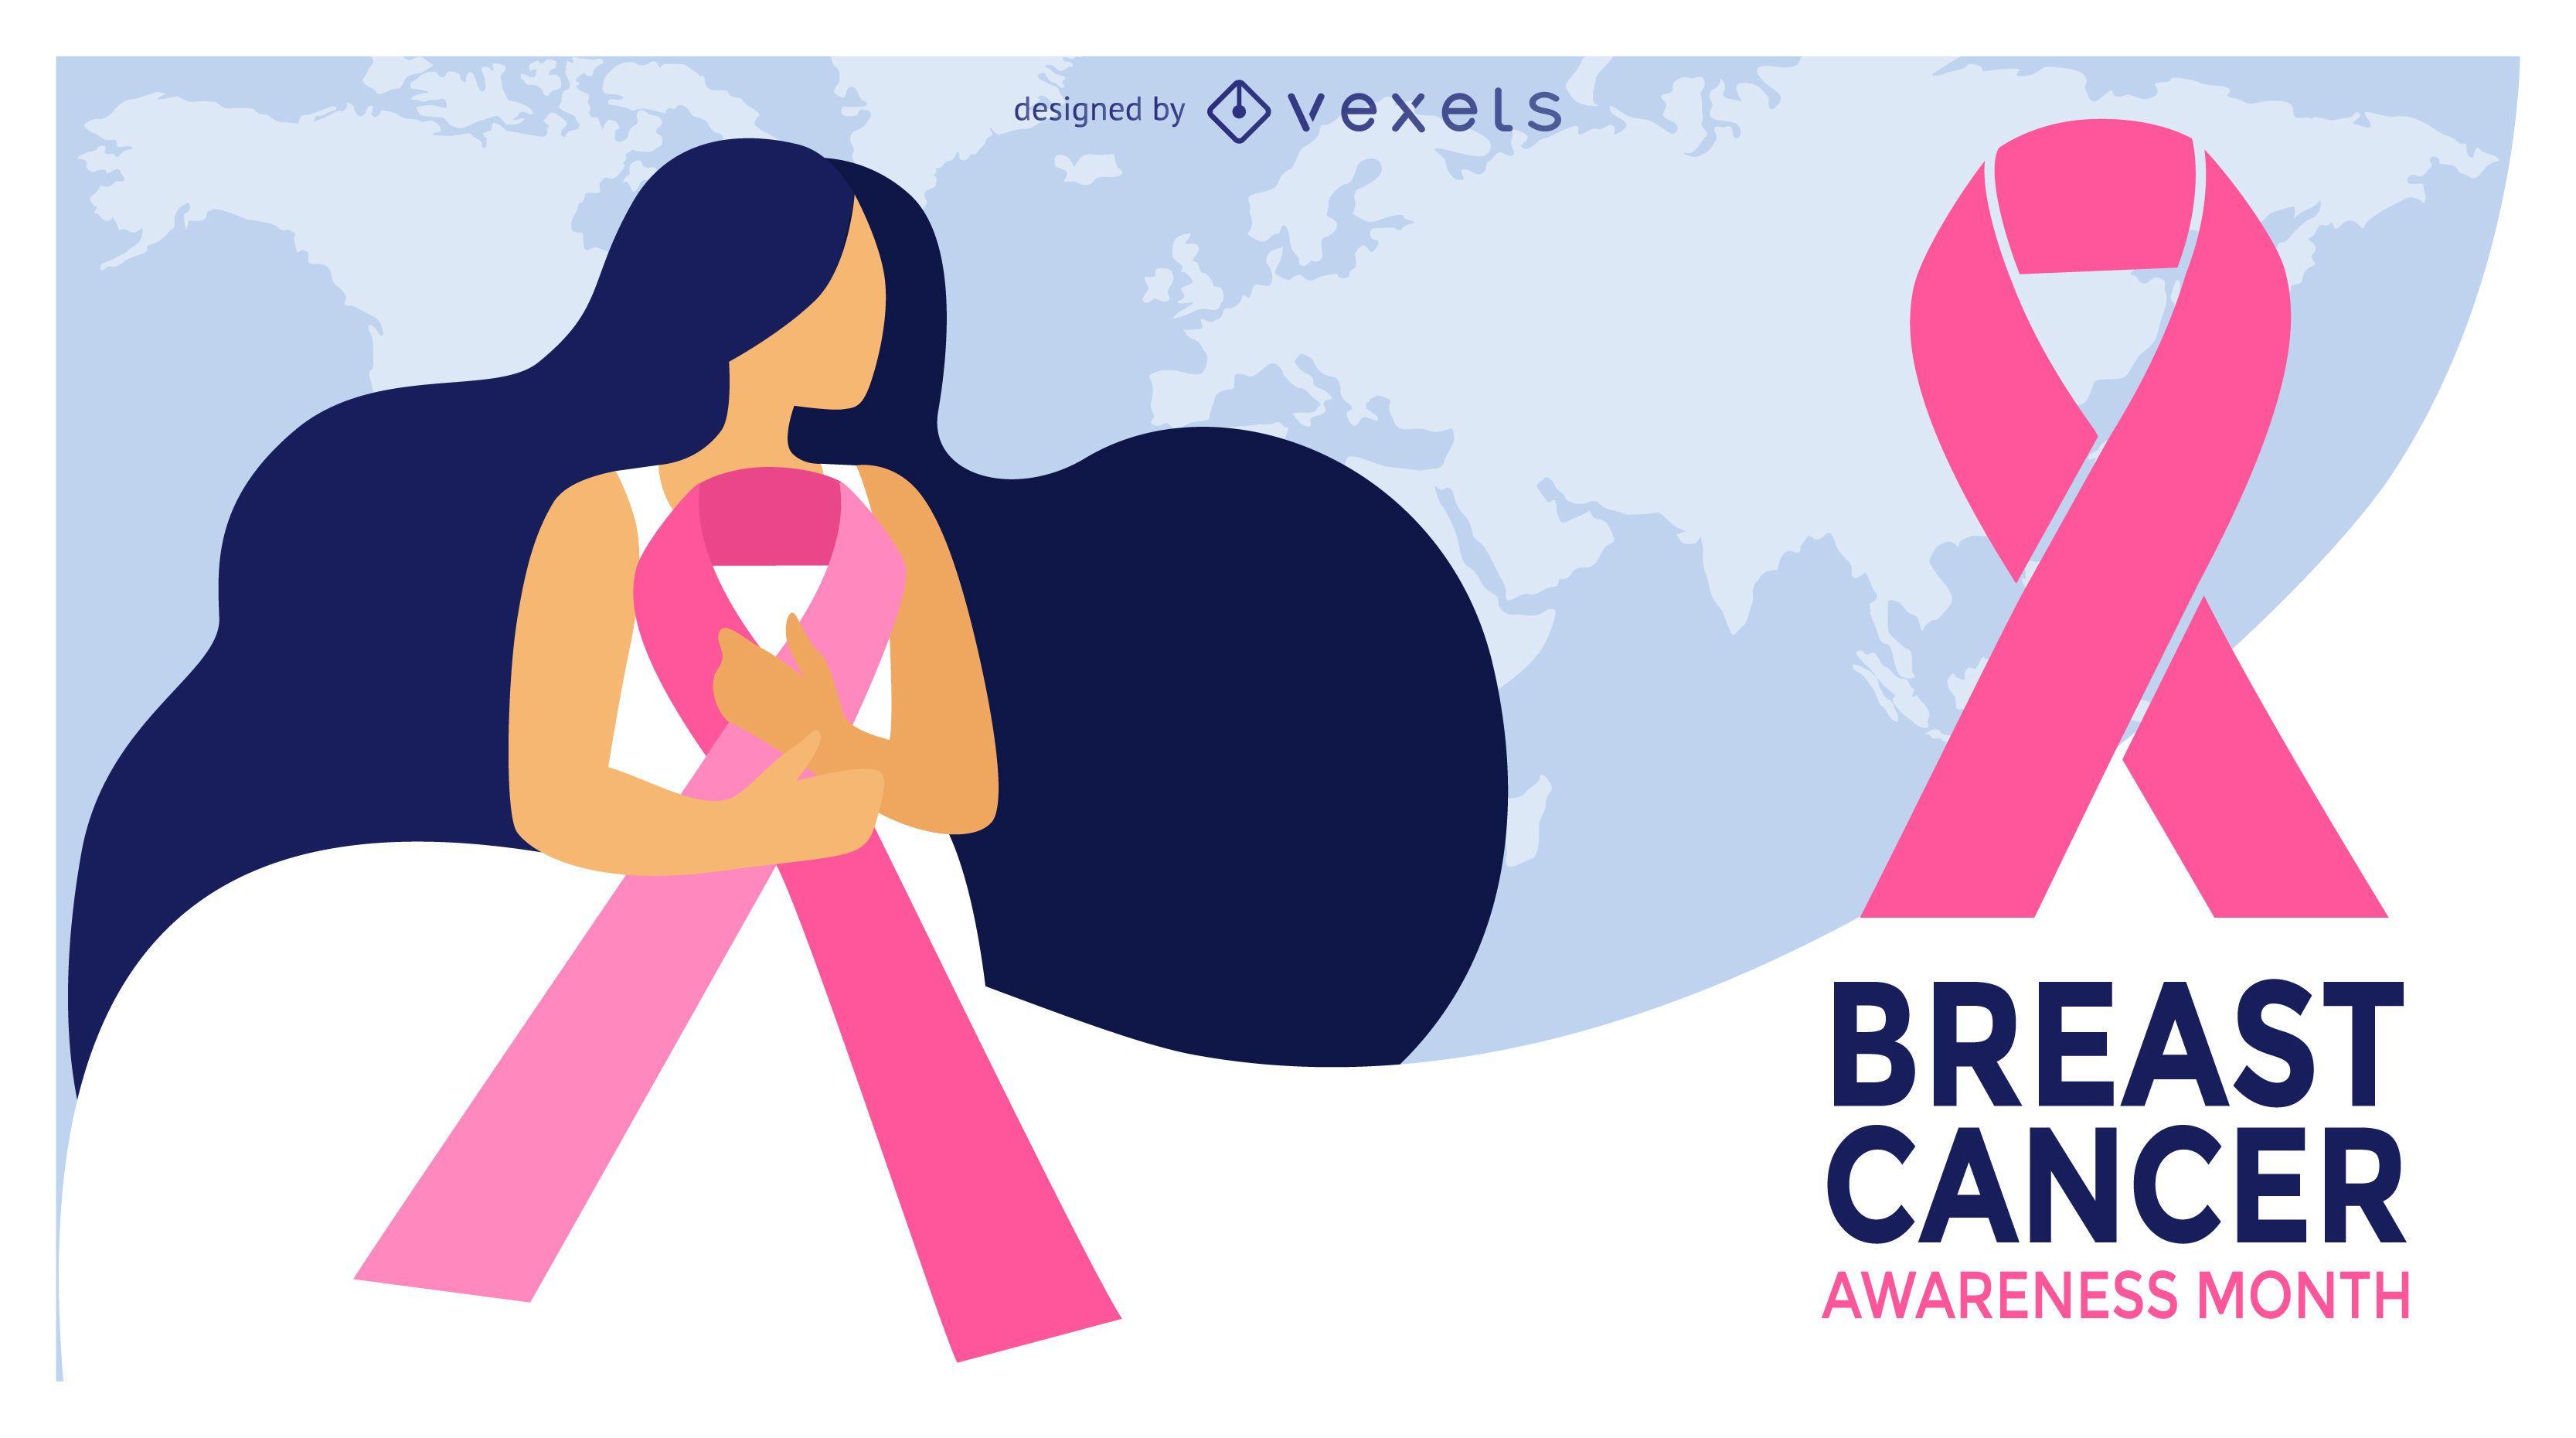 Diseño del mes de la ilustración del cáncer de mama